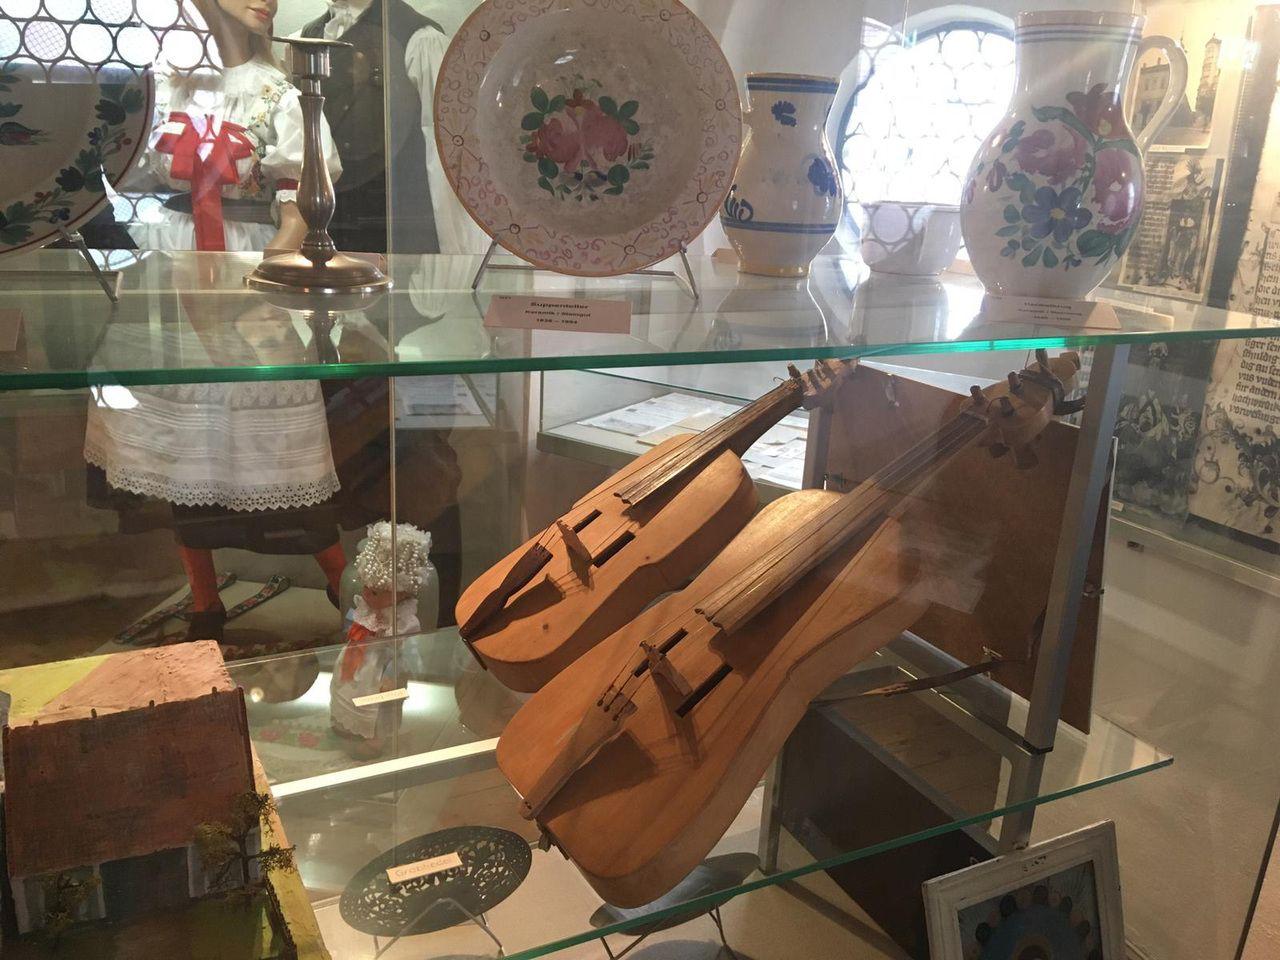 Die böhmische Bauernfidel in der Vitrine der Iglauer Heimatstube in Heidenheim steht für die heimatliche Volksmusik, für traditionelle Feiern und Feste. (Foto: Michal Urban, 2020)